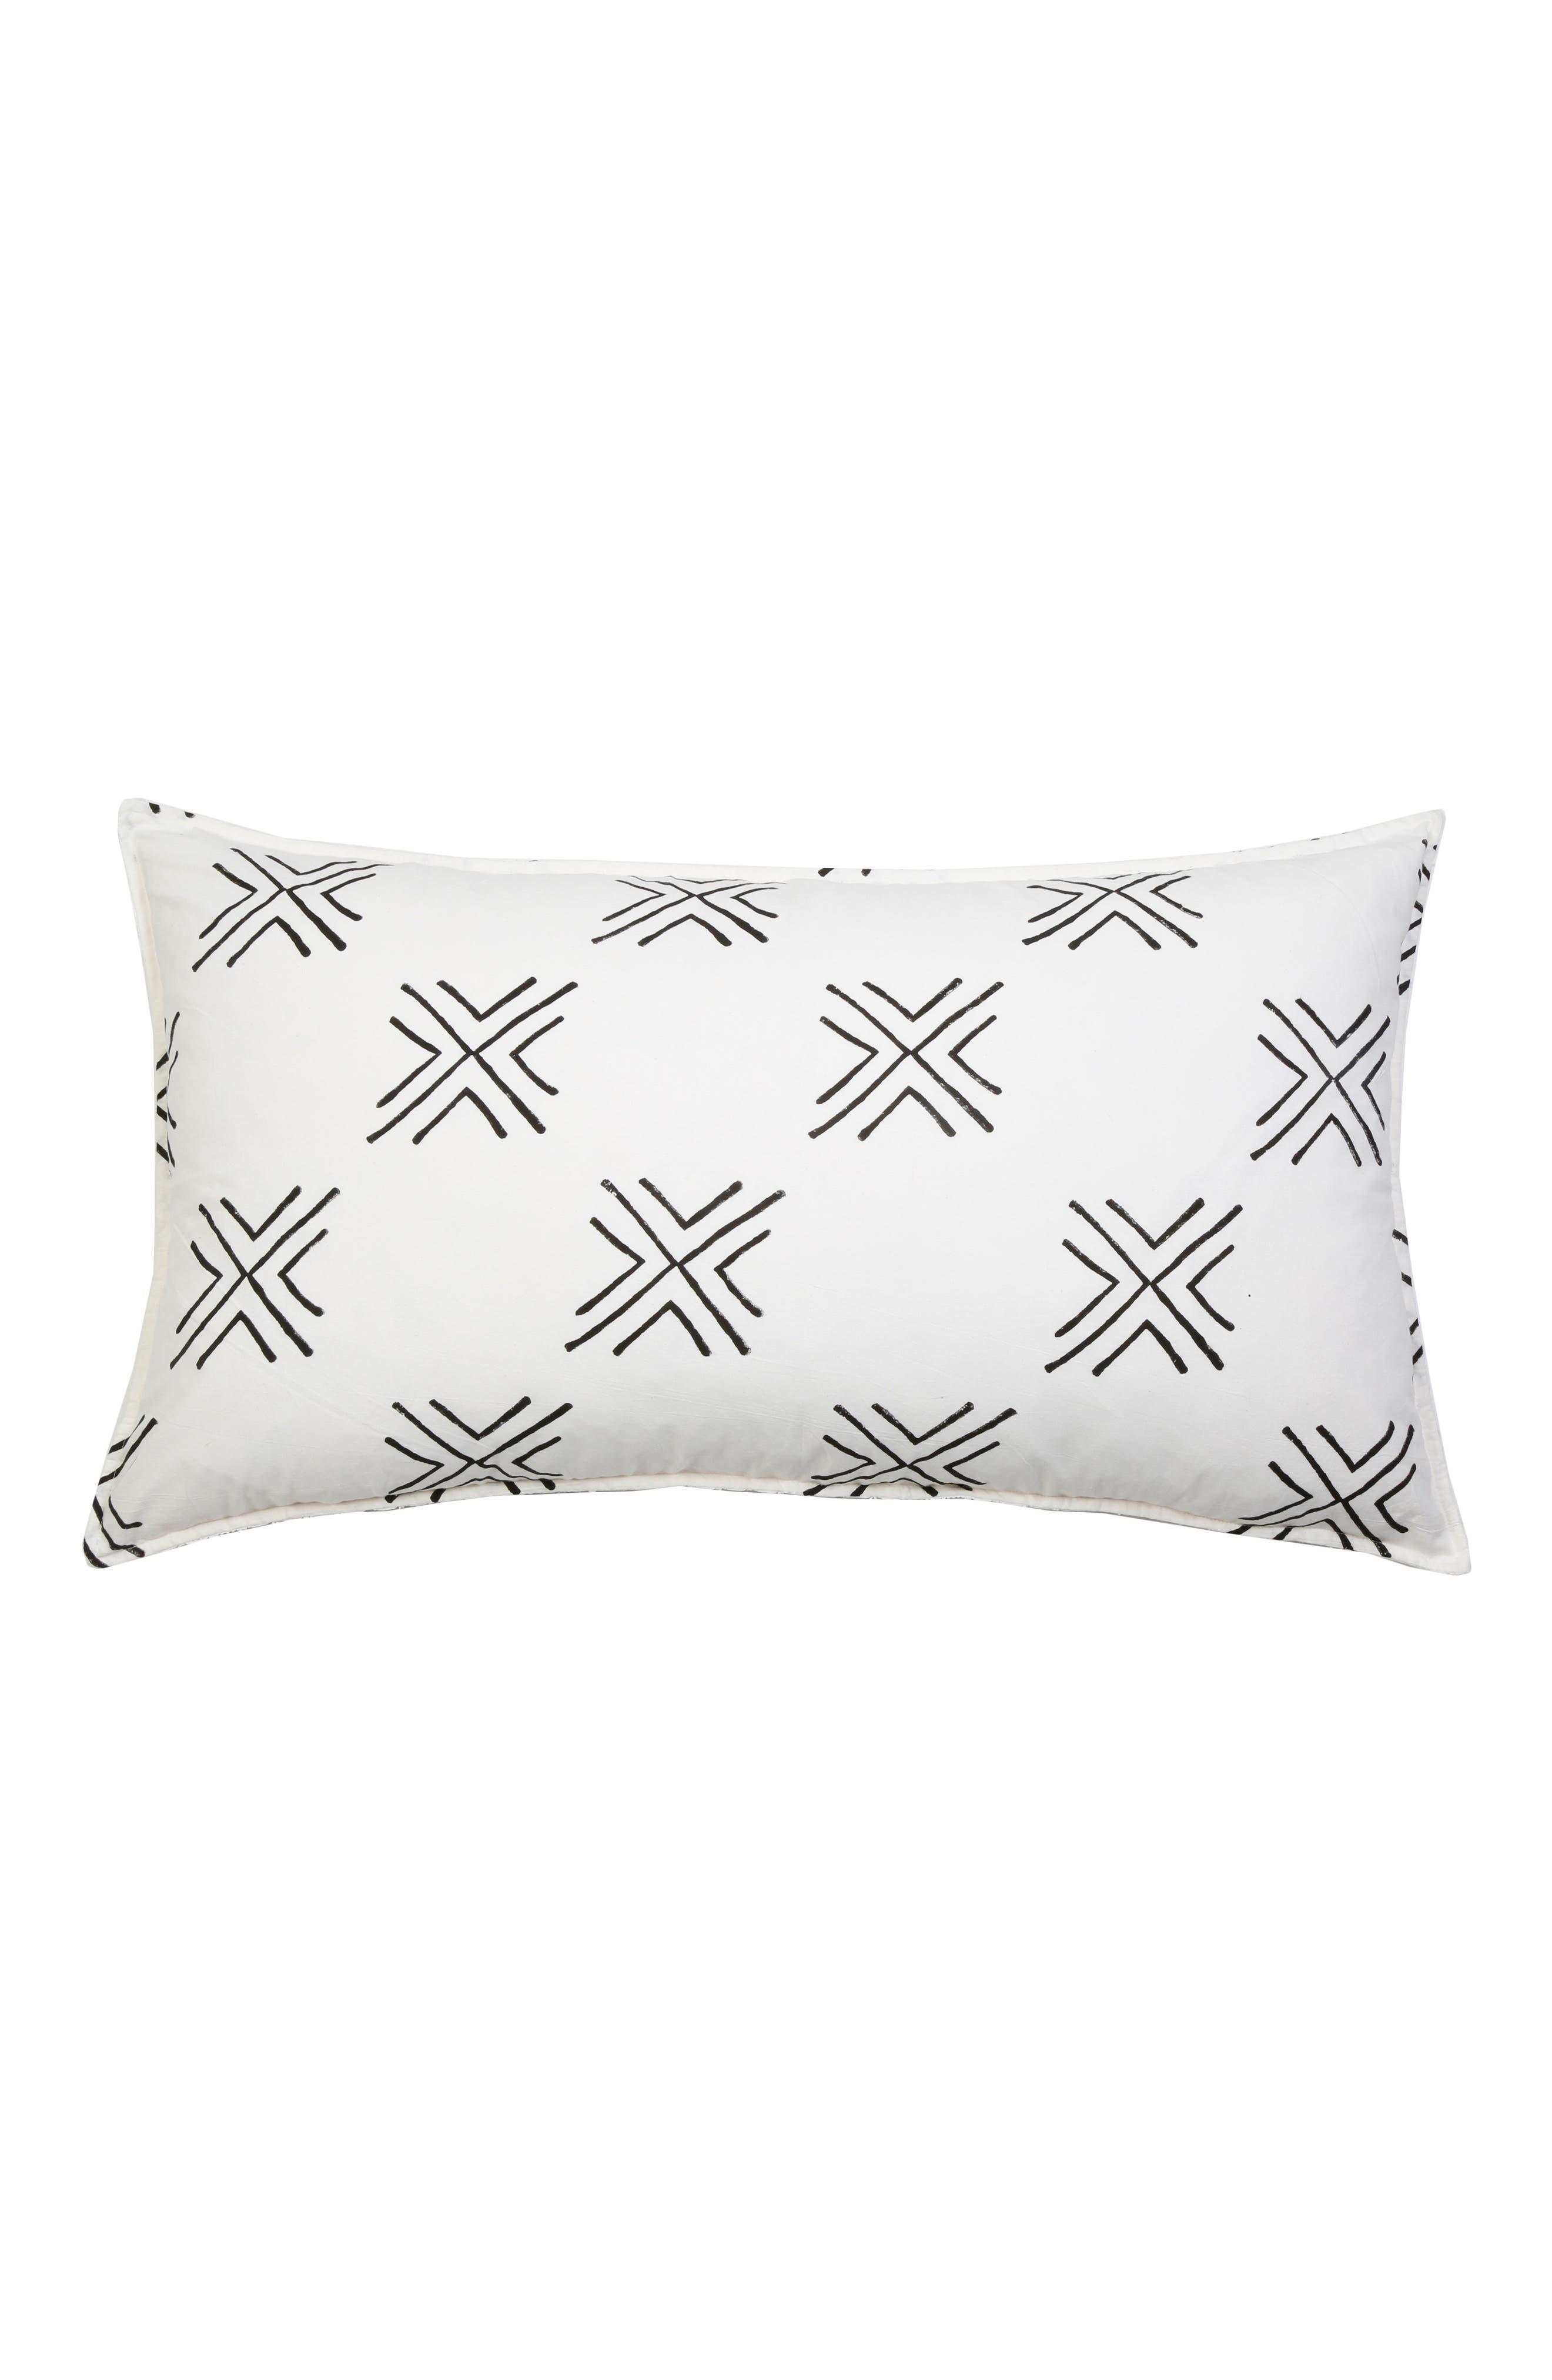 Arrow Accent Pillow,                         Main,                         color, 100